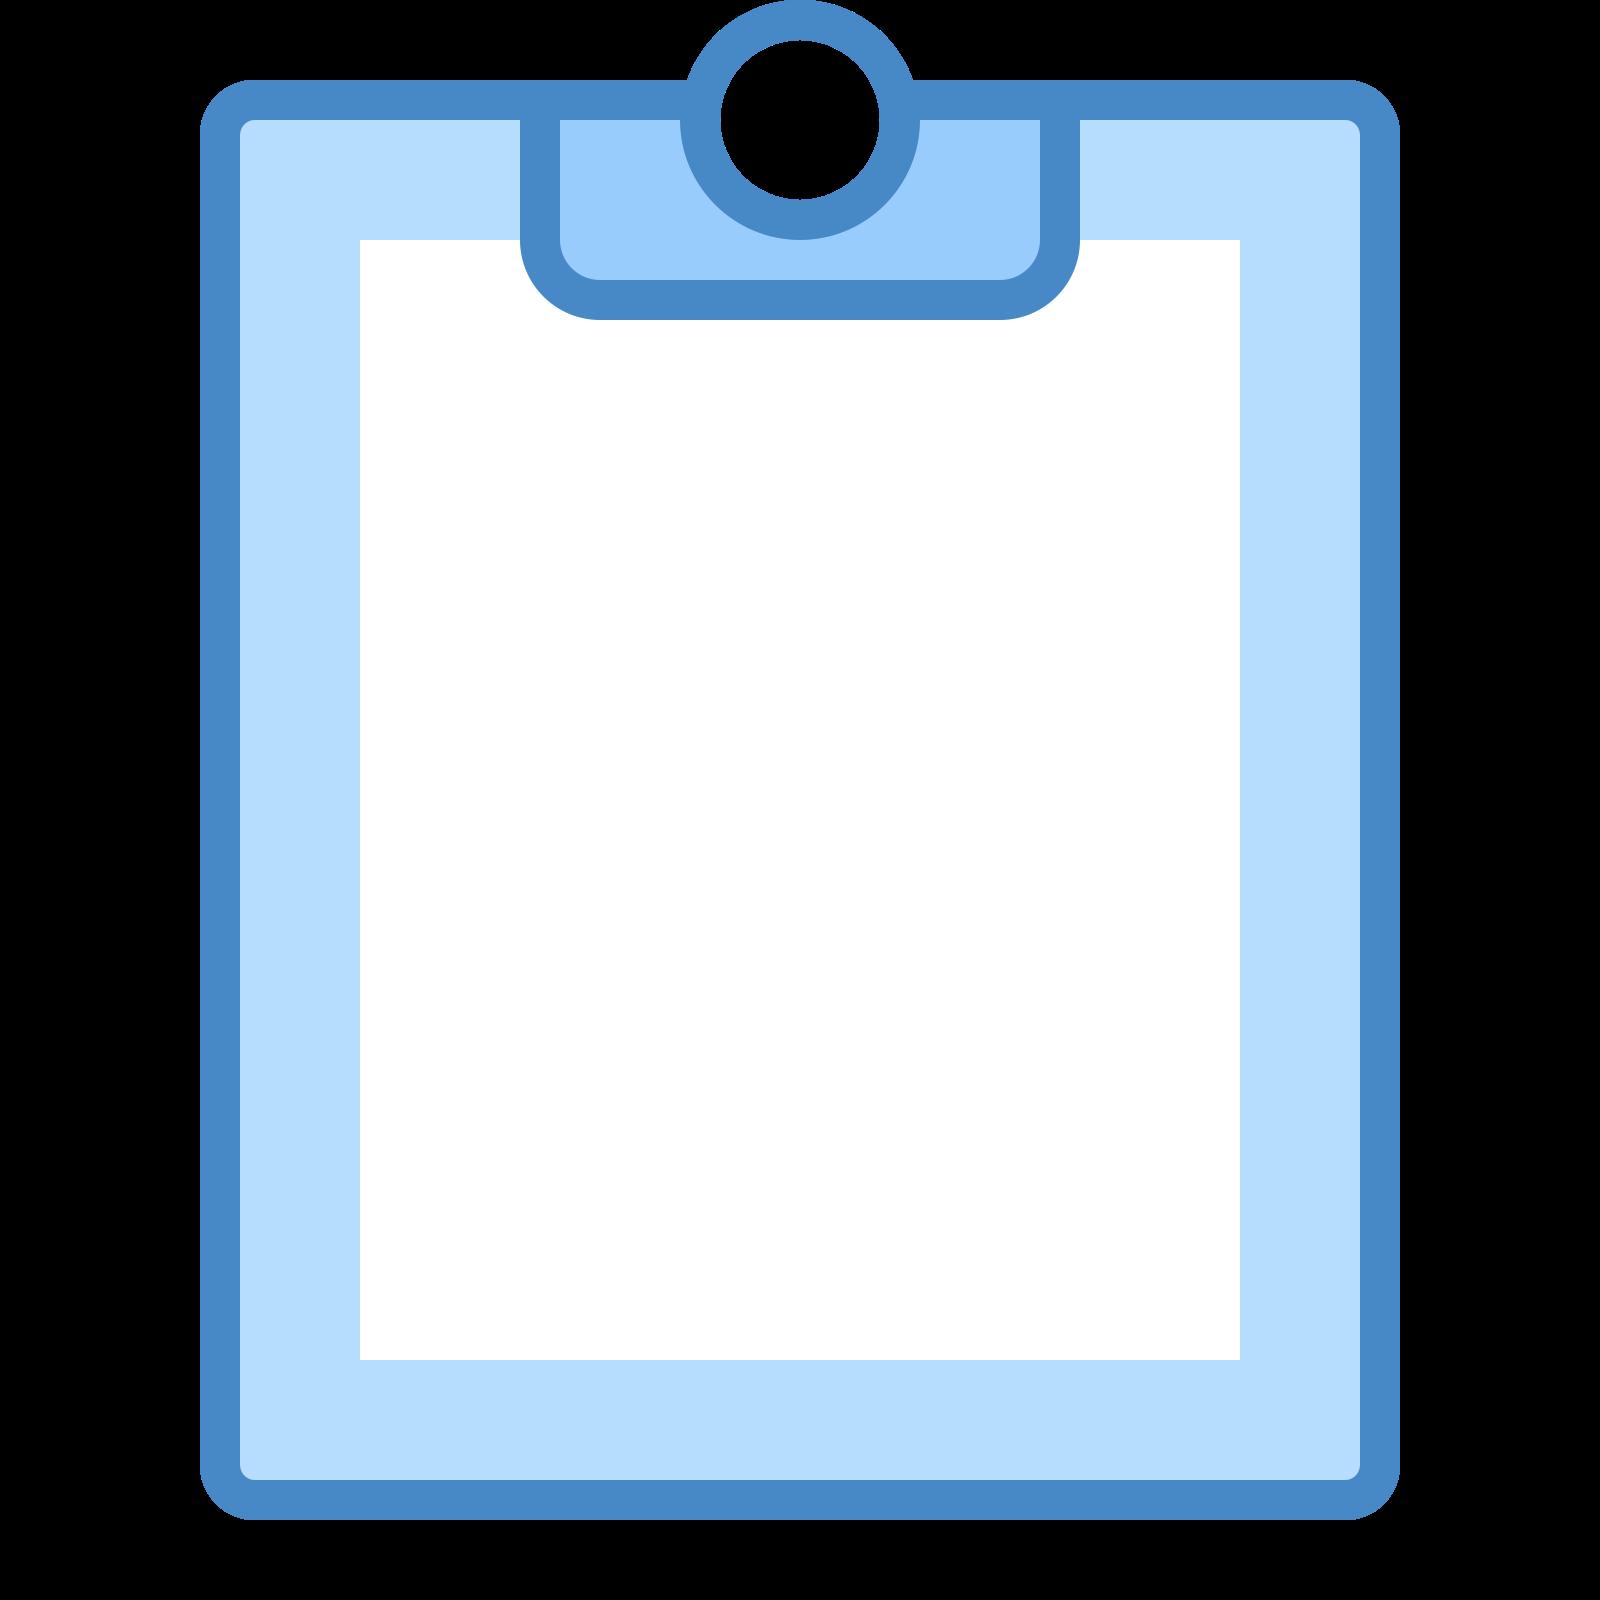 ペースト icon. This image depicts a piece of paper overlapping a clipboard. The clipboard is rectangular shaped with rounded edges, whereas the paper is a perfect rectangle with sharp edges. There are four lines of writing present on the paper.